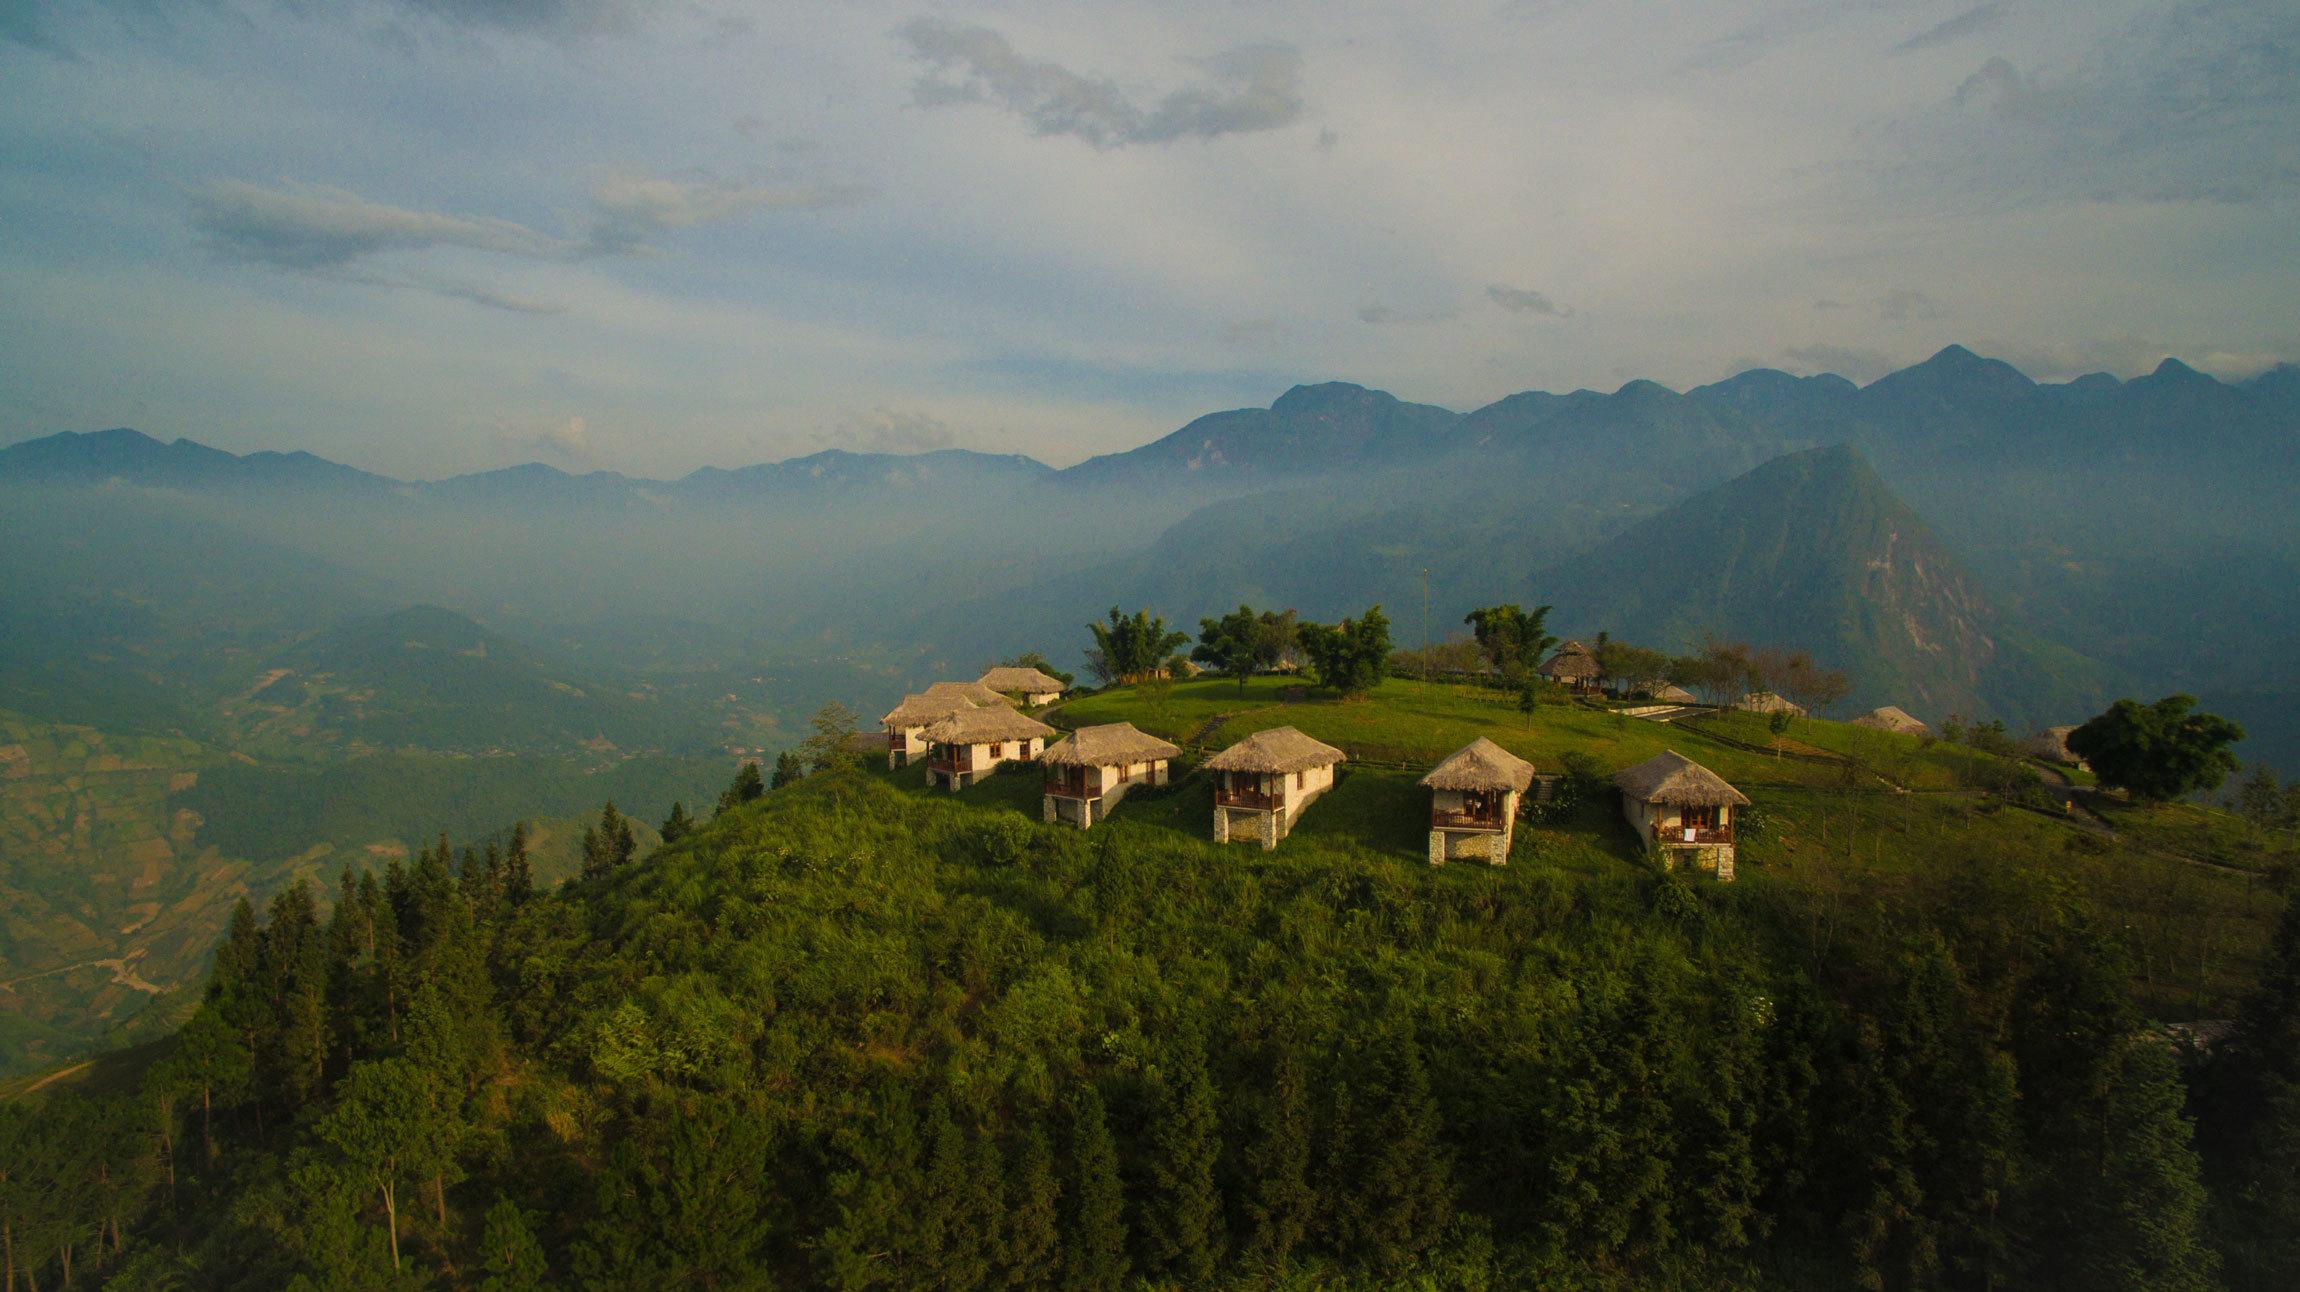 Southeast Asia's best eco-retreat destinations